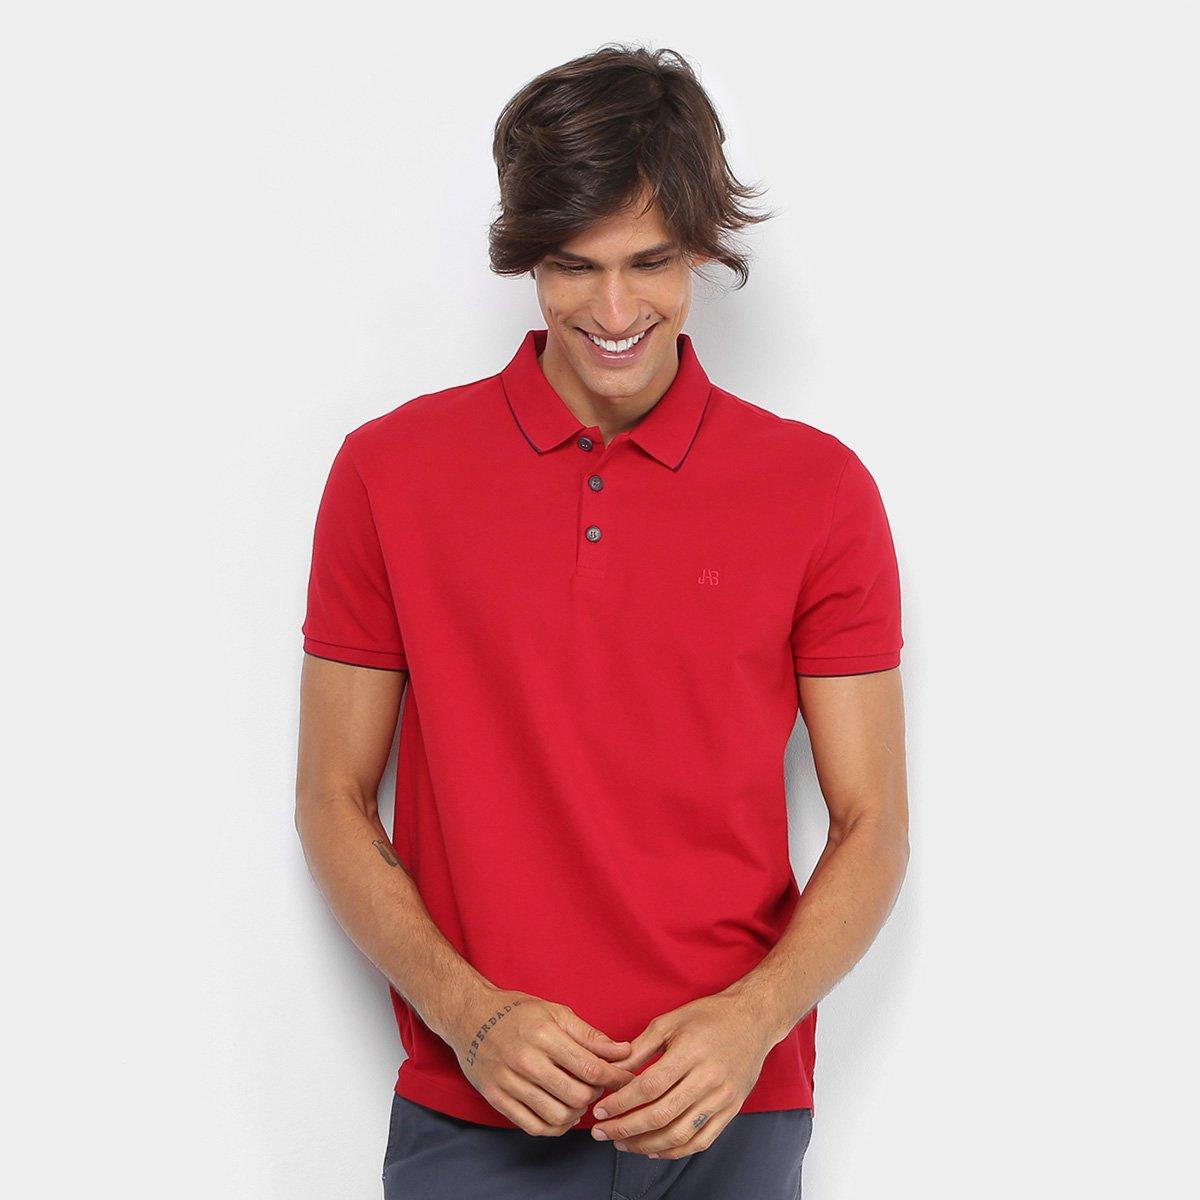 7327bc4b30 Camisa Polo Jab Piquet Friso Masculina - Vermelho - Compre Agora ...